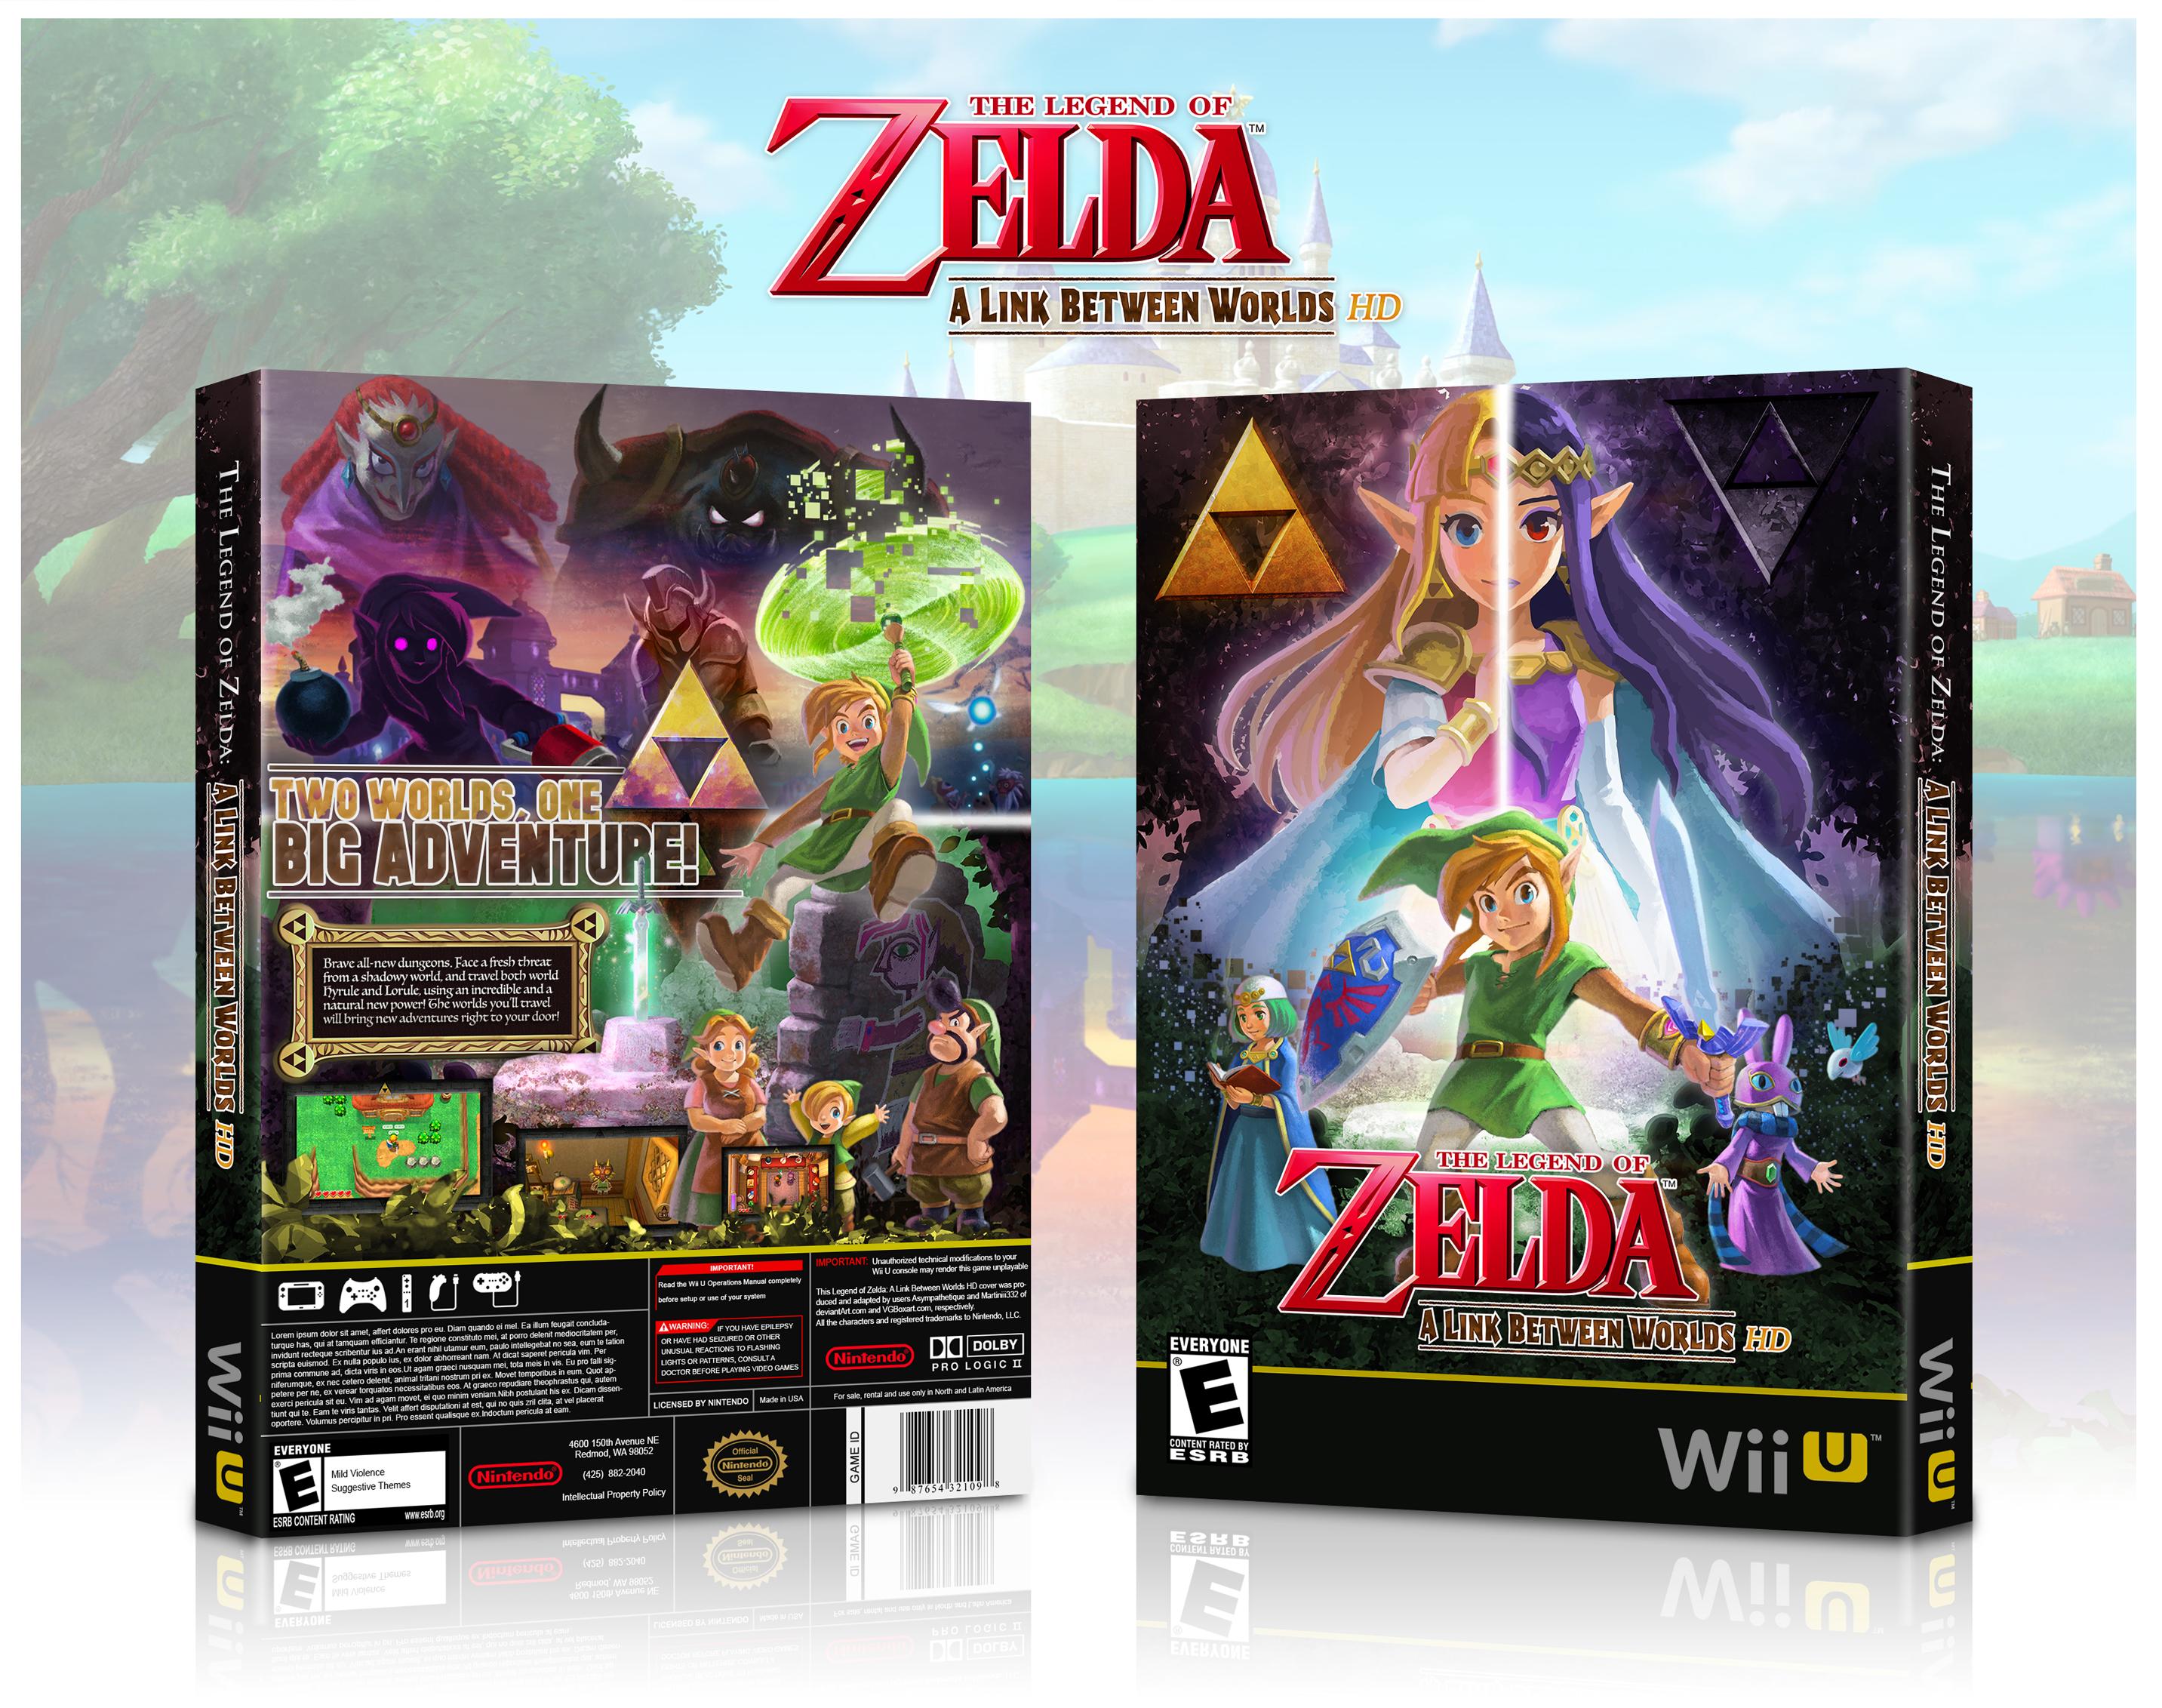 Legend Of Zelda A Link Between Worlds Wallpaper Pics Download